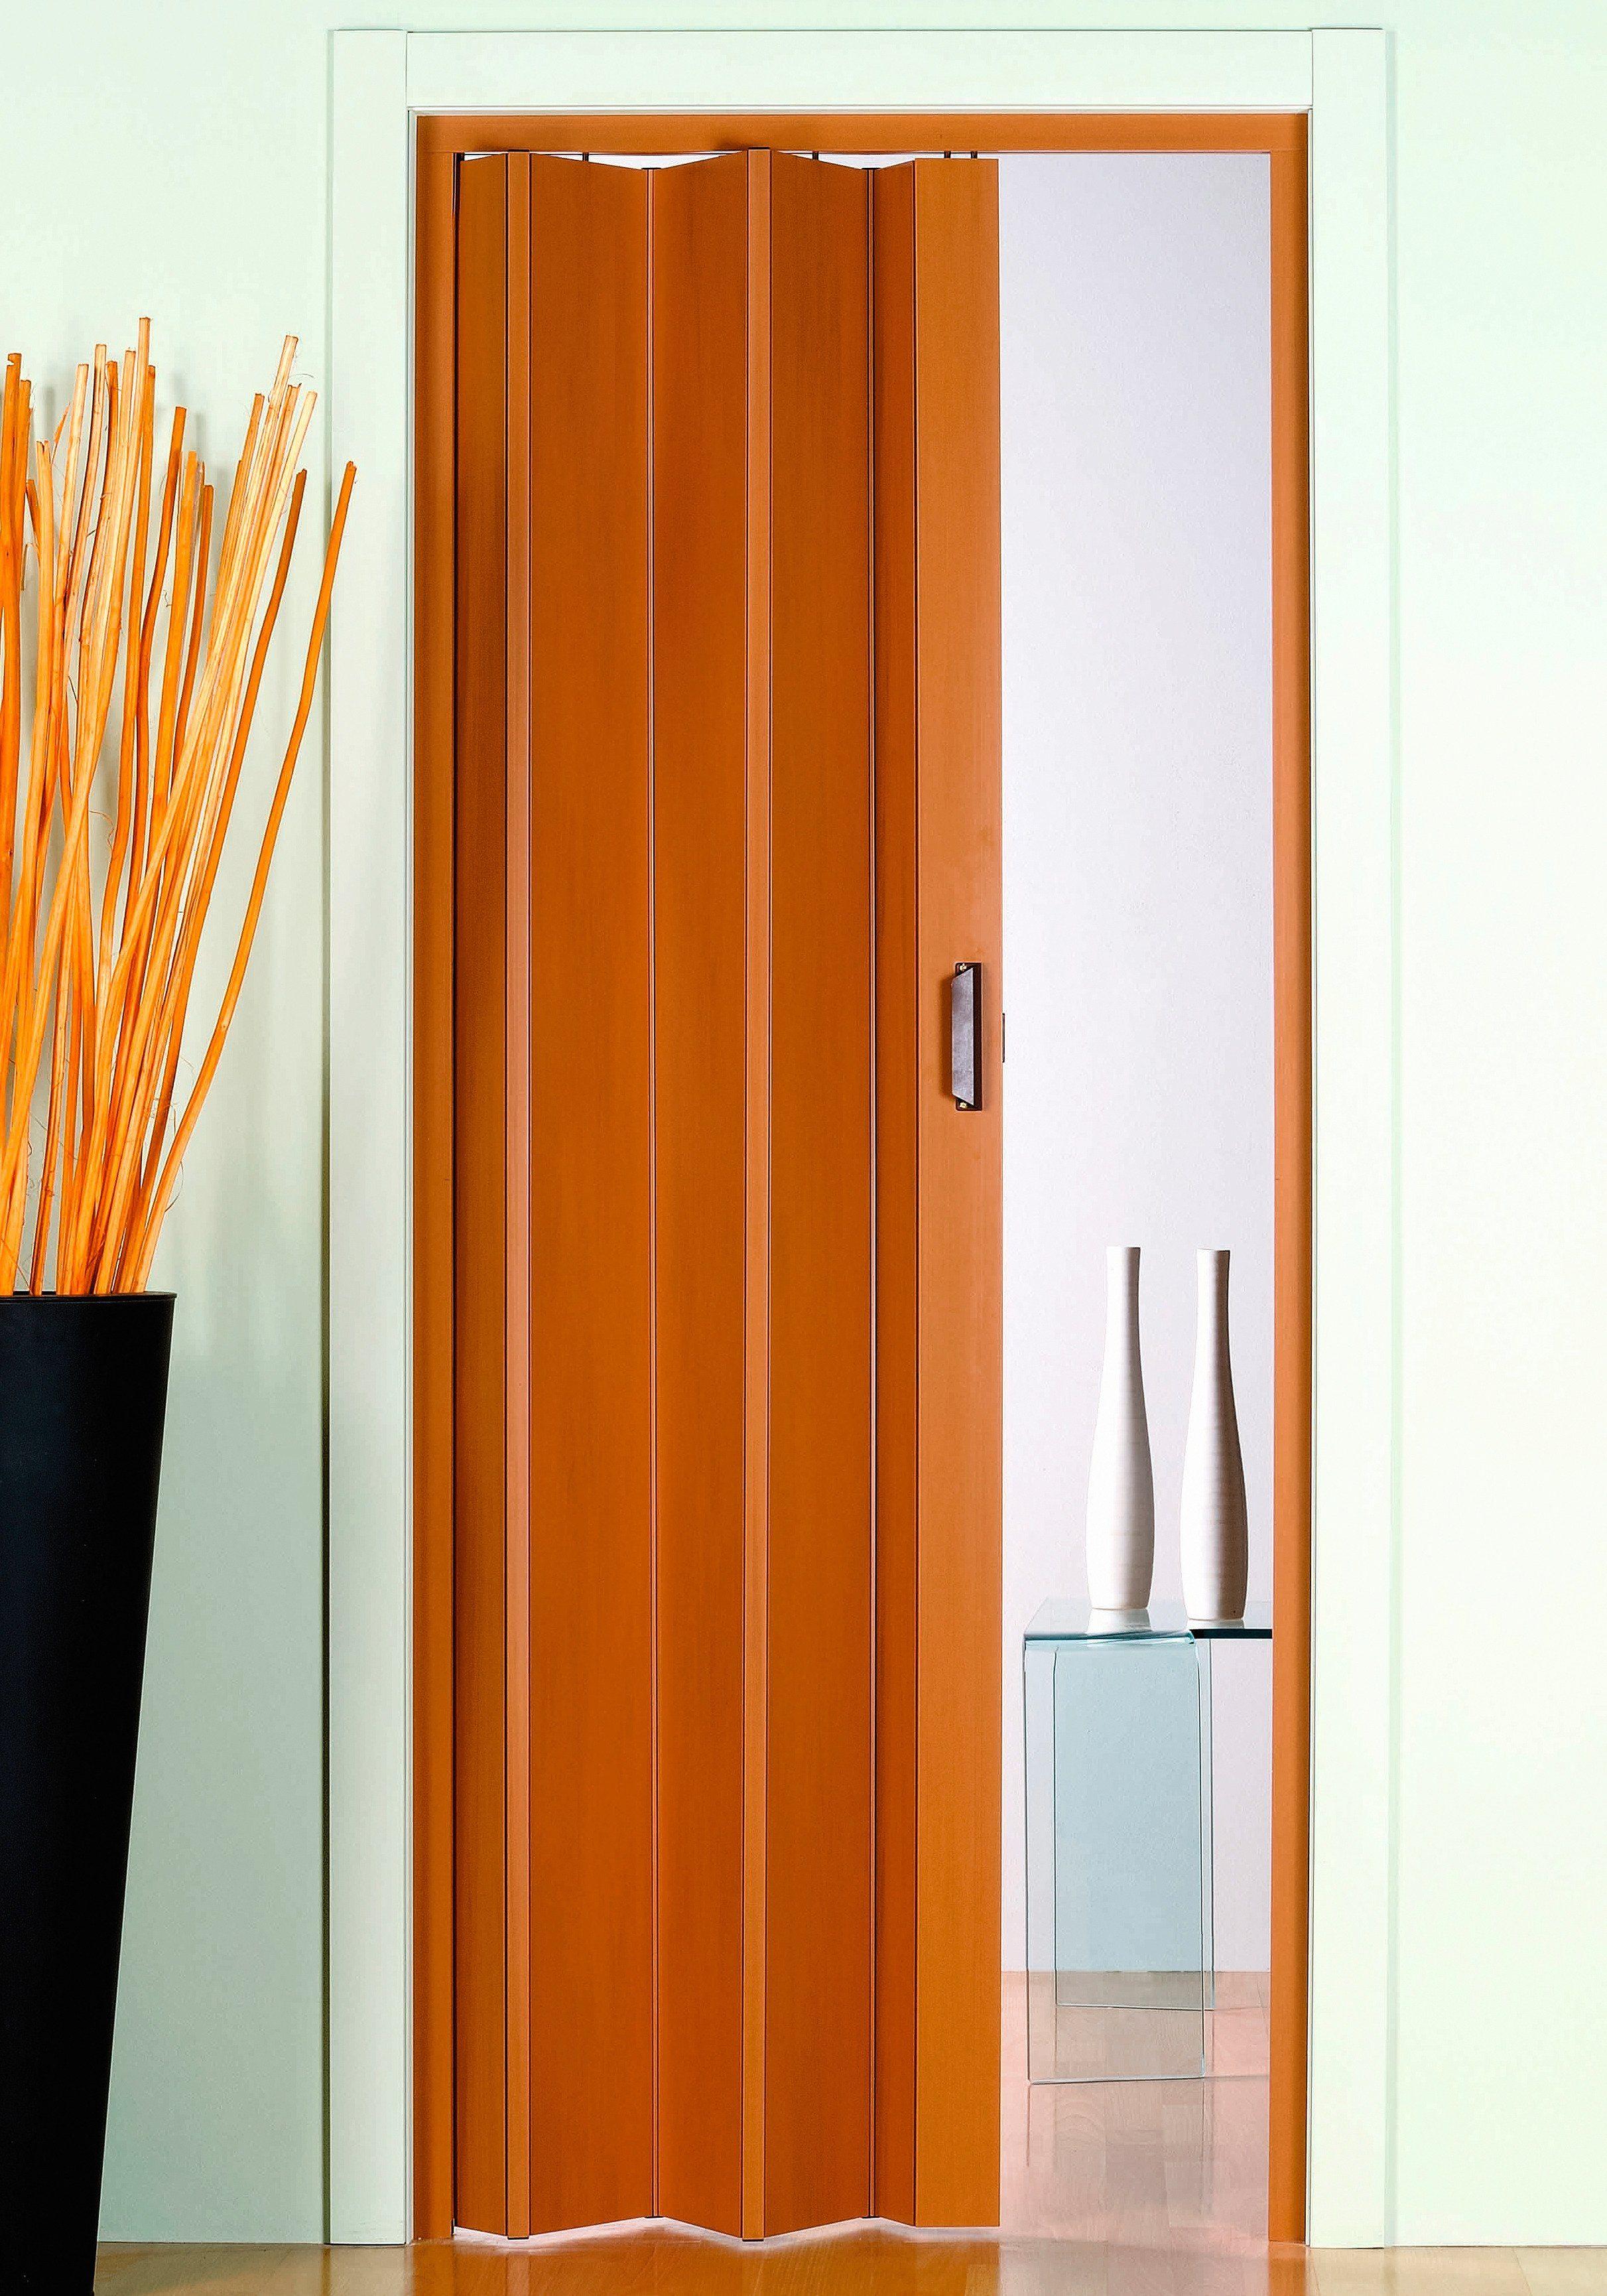 Kunststoff-Falttür »Monica«, BxH: 83x204 cm, Buchefarben-Pastell ohne Fenster